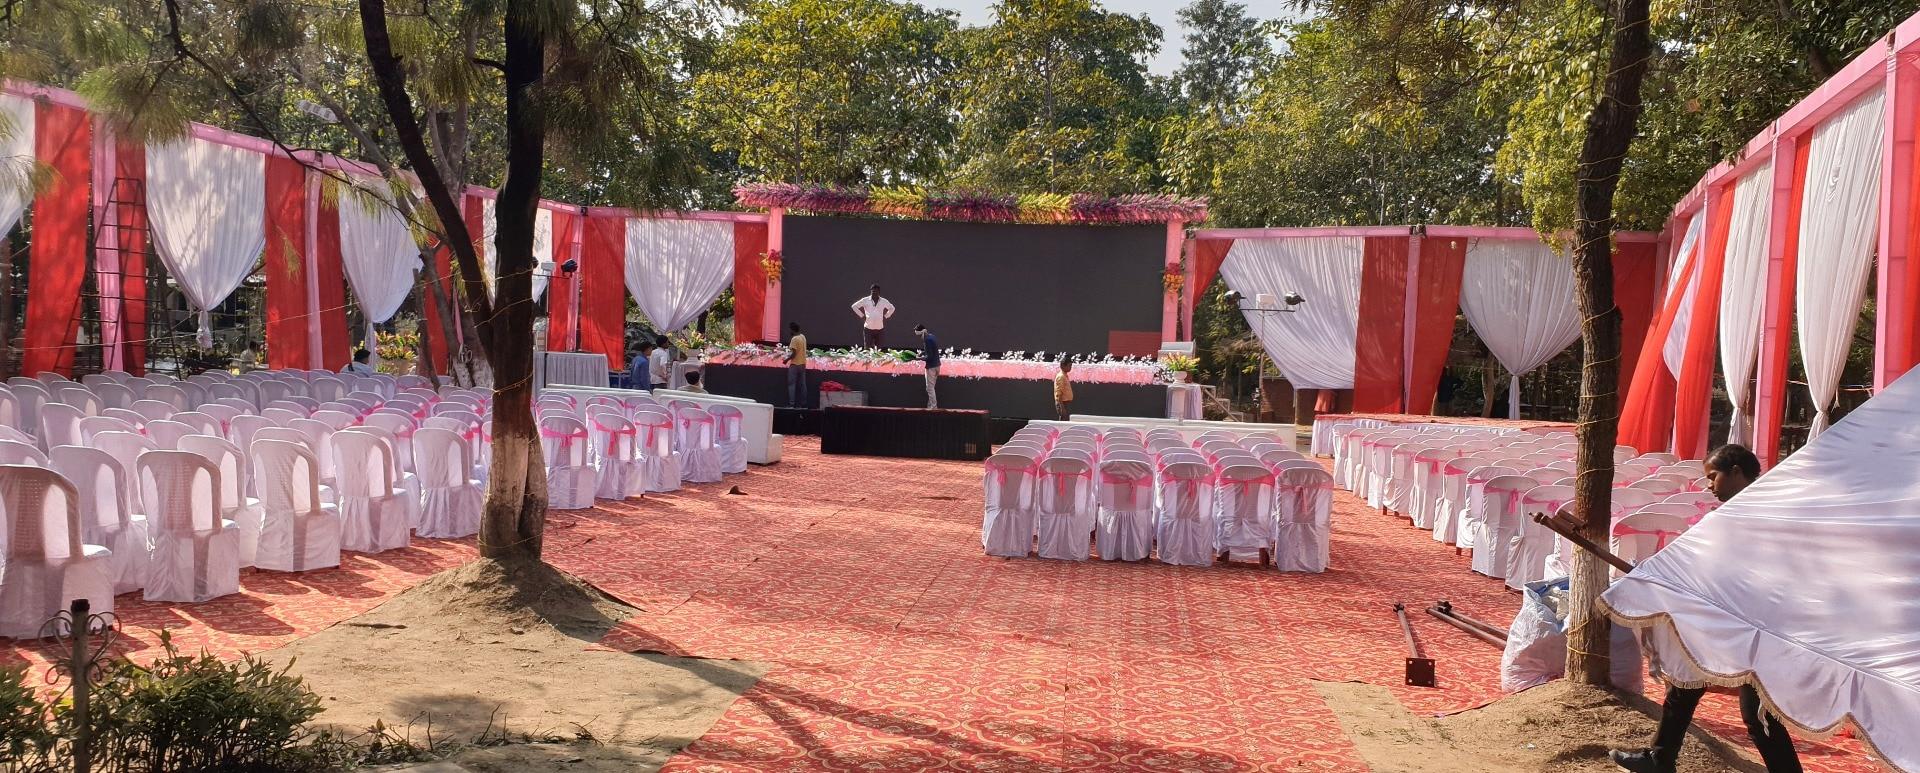 Jungle King Resort - Kanha - Resorts and Villa Services in Kanha National Park, Mandla